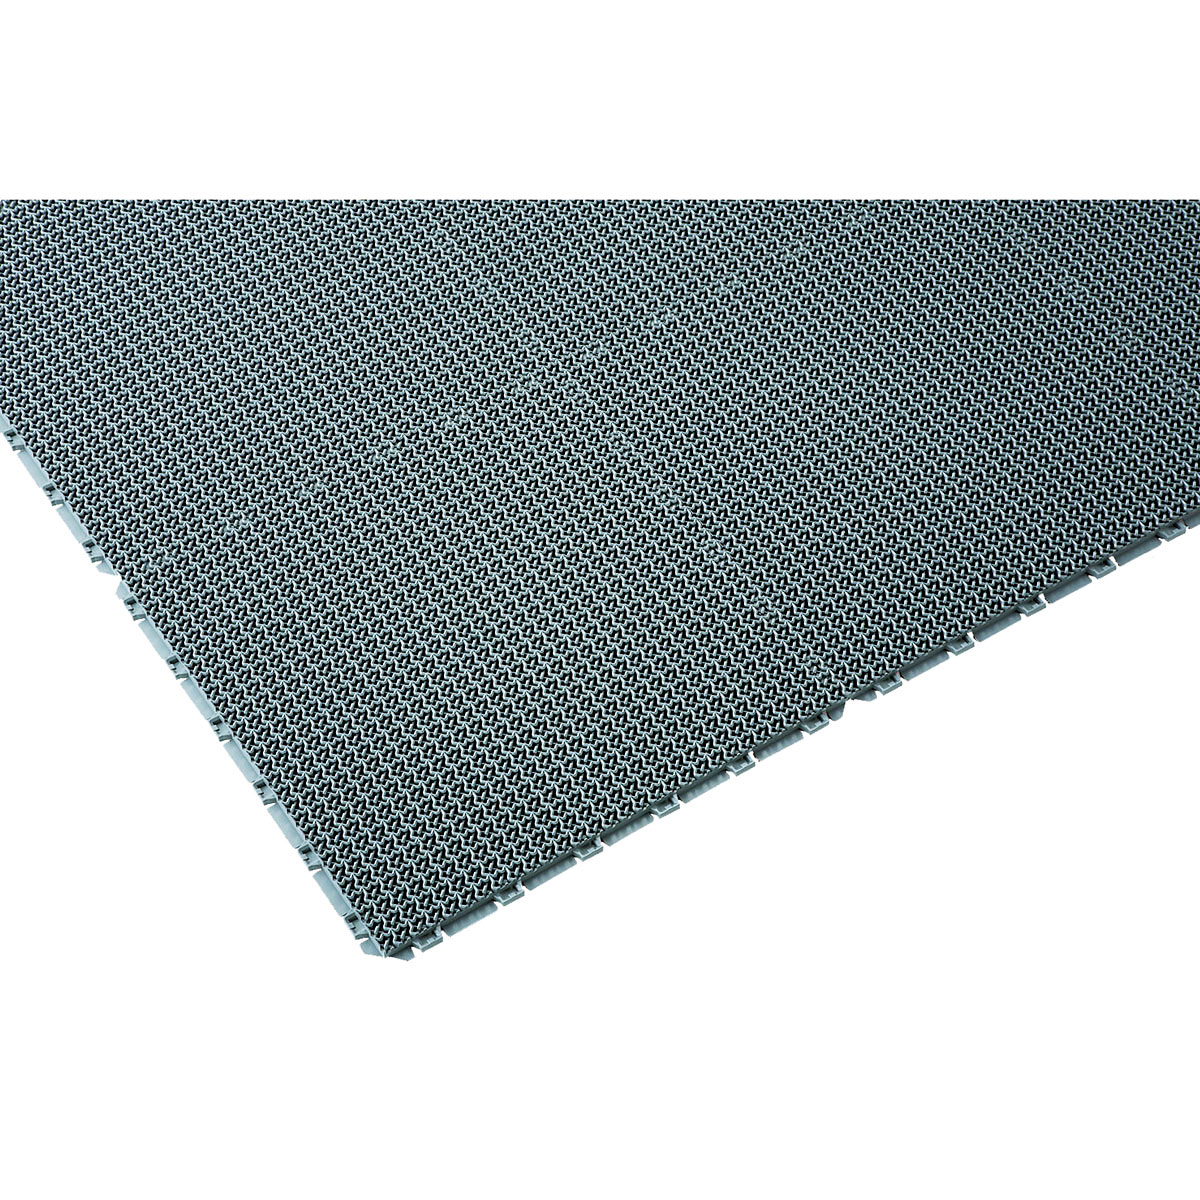 山崎産業 ブイステップマット13 オーダーサイズ縁なし 1平米/価格 GR(灰) F-126-OR